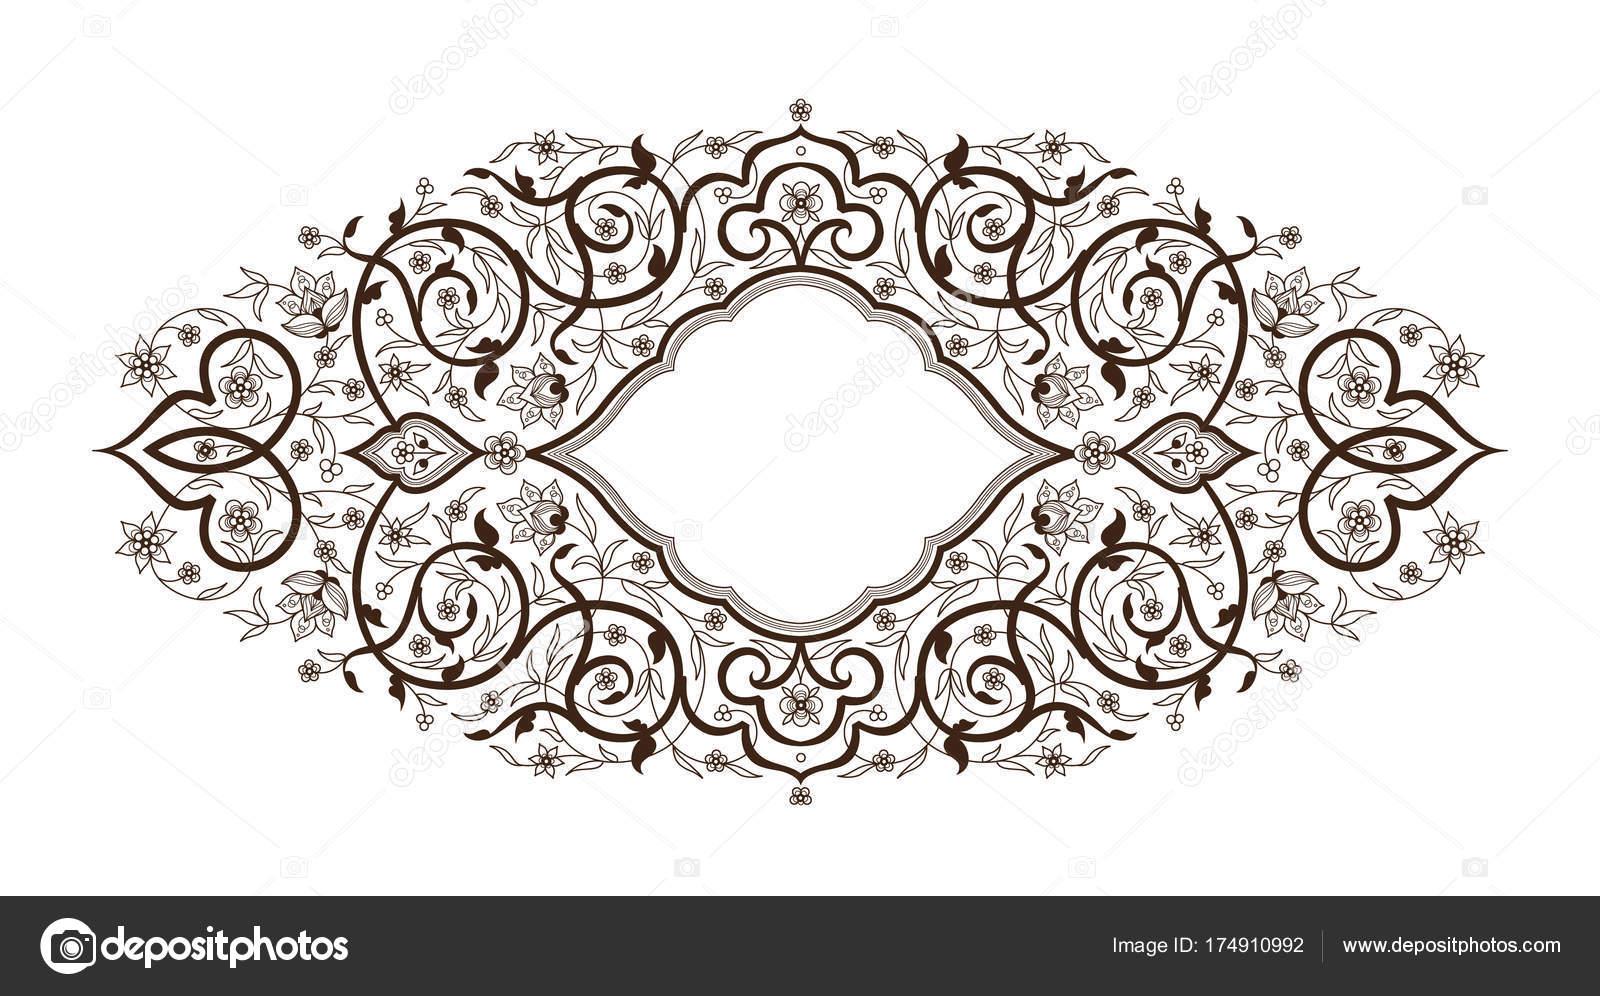 Schwarz Dekor; reich verzierte Rahmen im östlichen Stil — Stockfoto ...